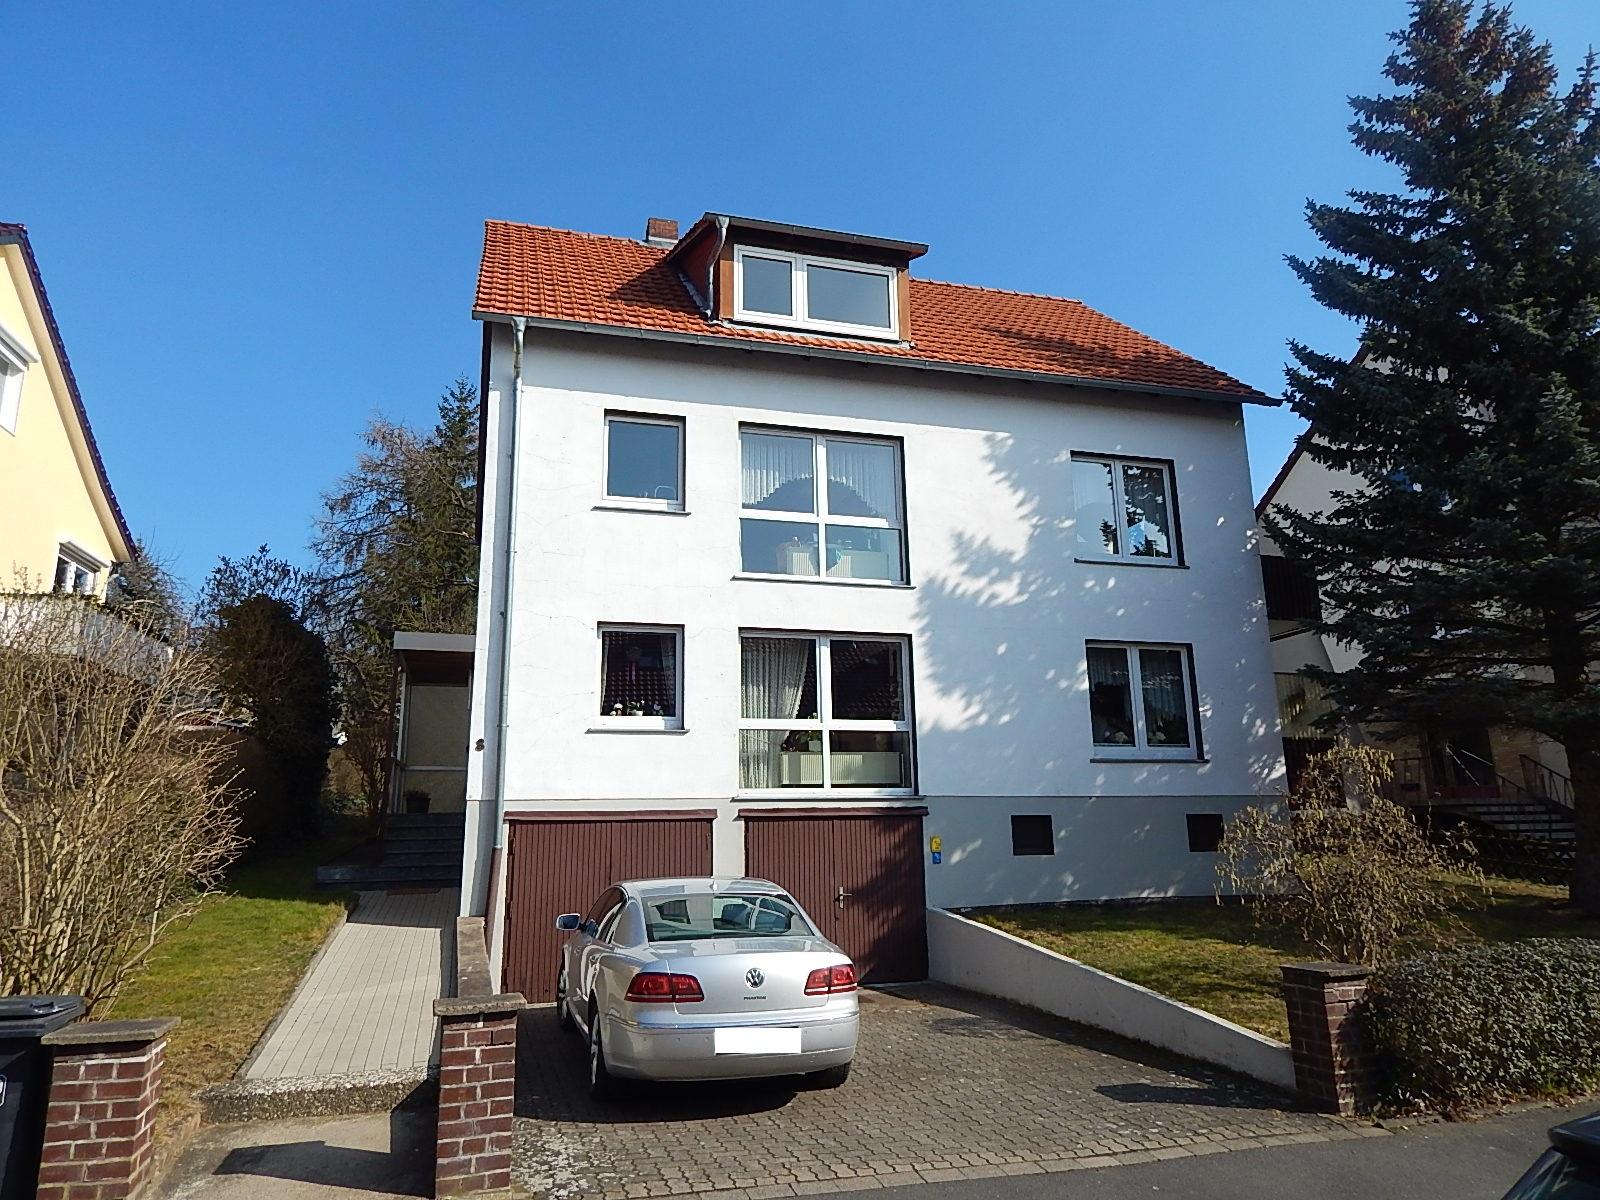 Gemütliche Wohnung in Göttingen Thomas Hoffmann